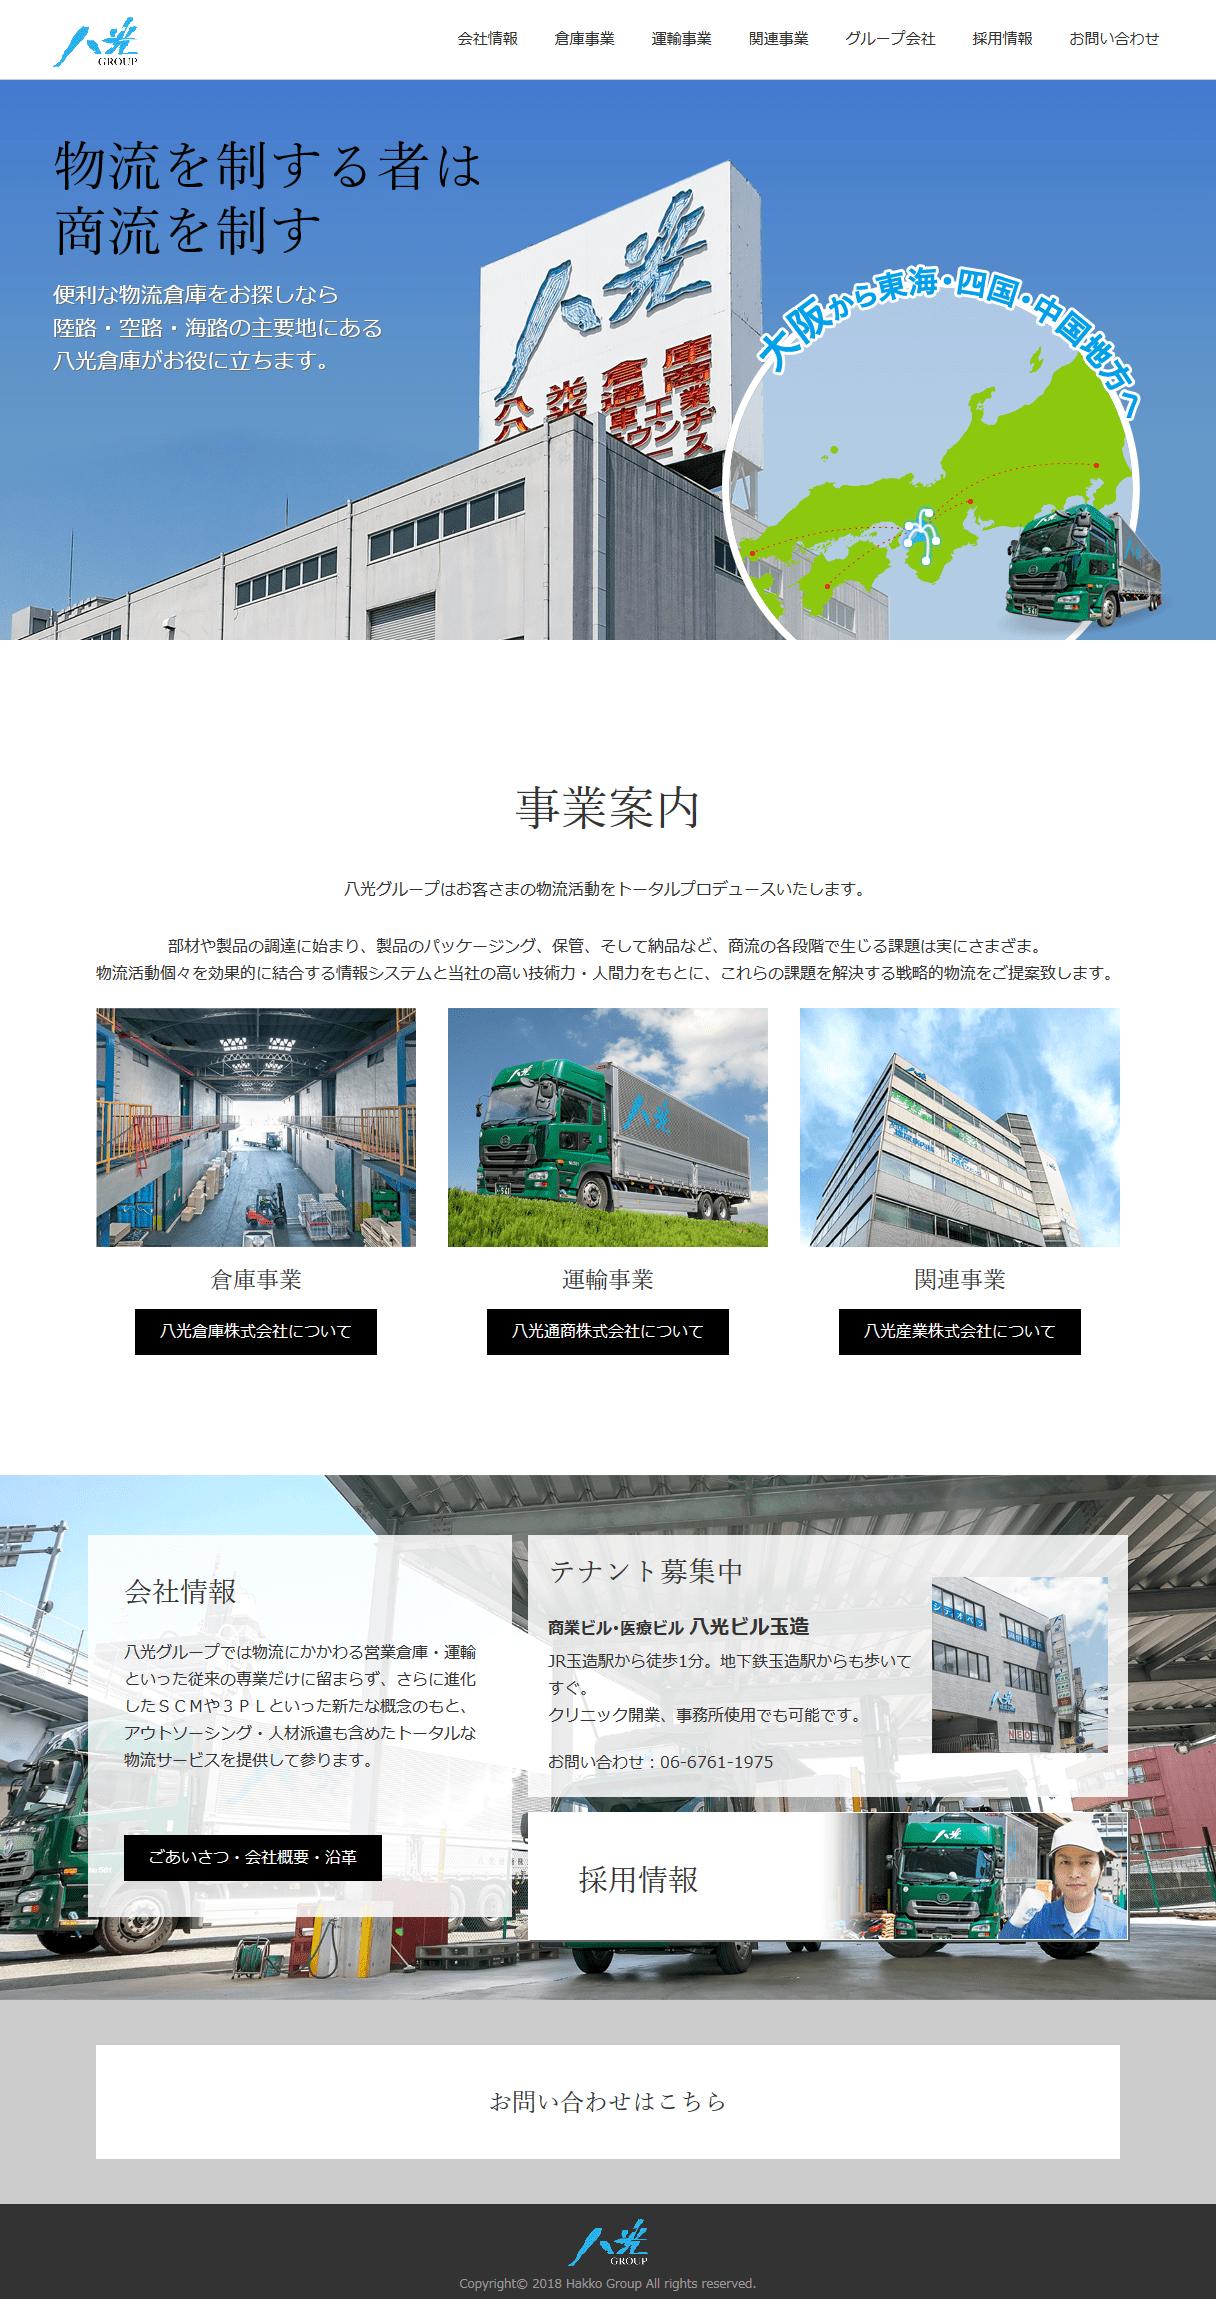 八光倉庫株式会社 様